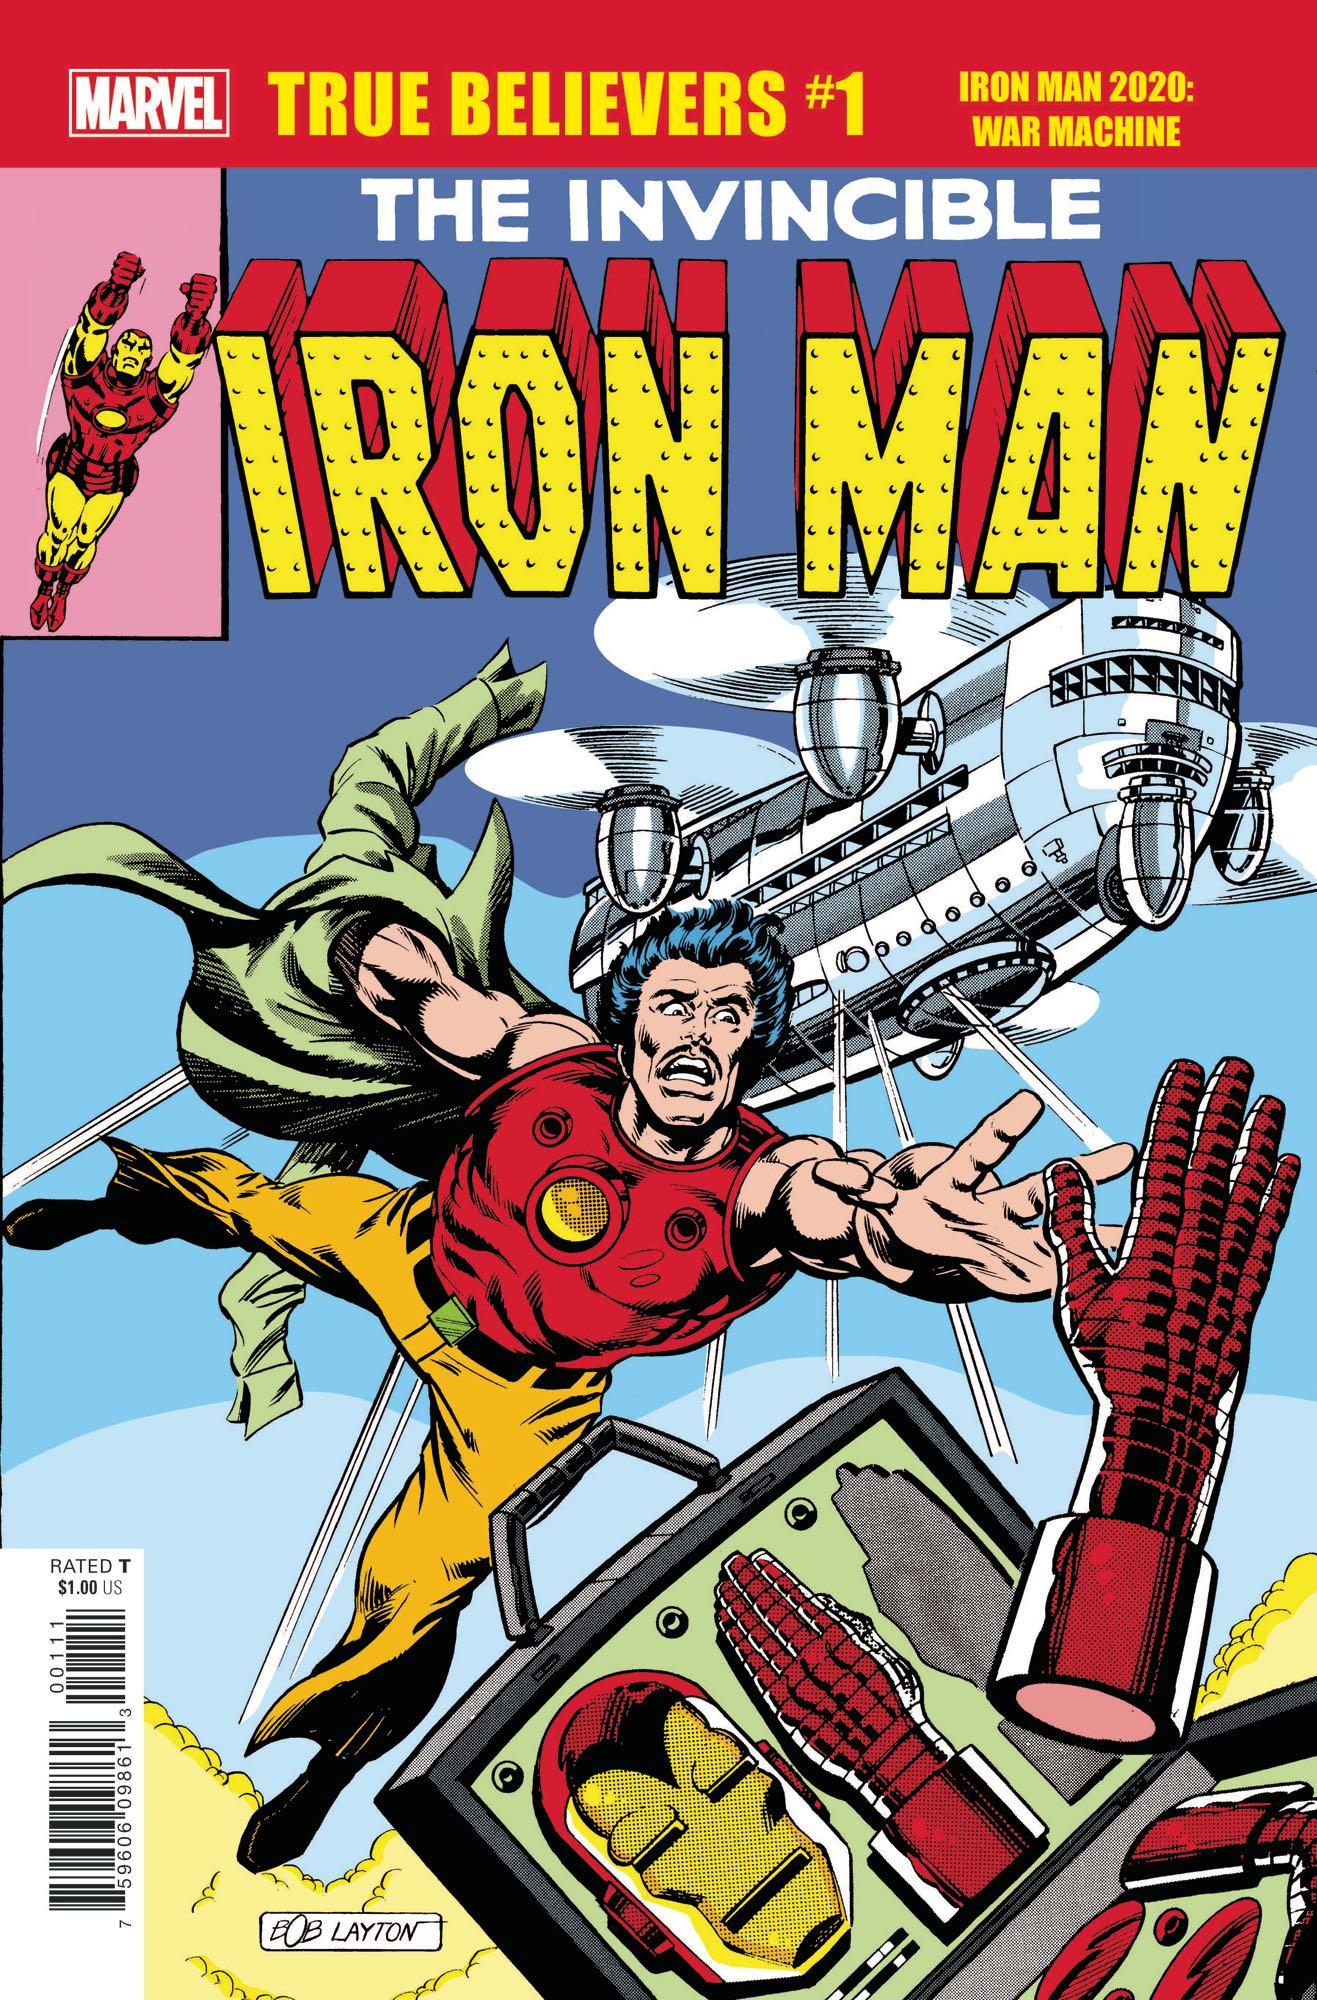 True Believers: Iron Man 2020 - War Machine Vol 1 1